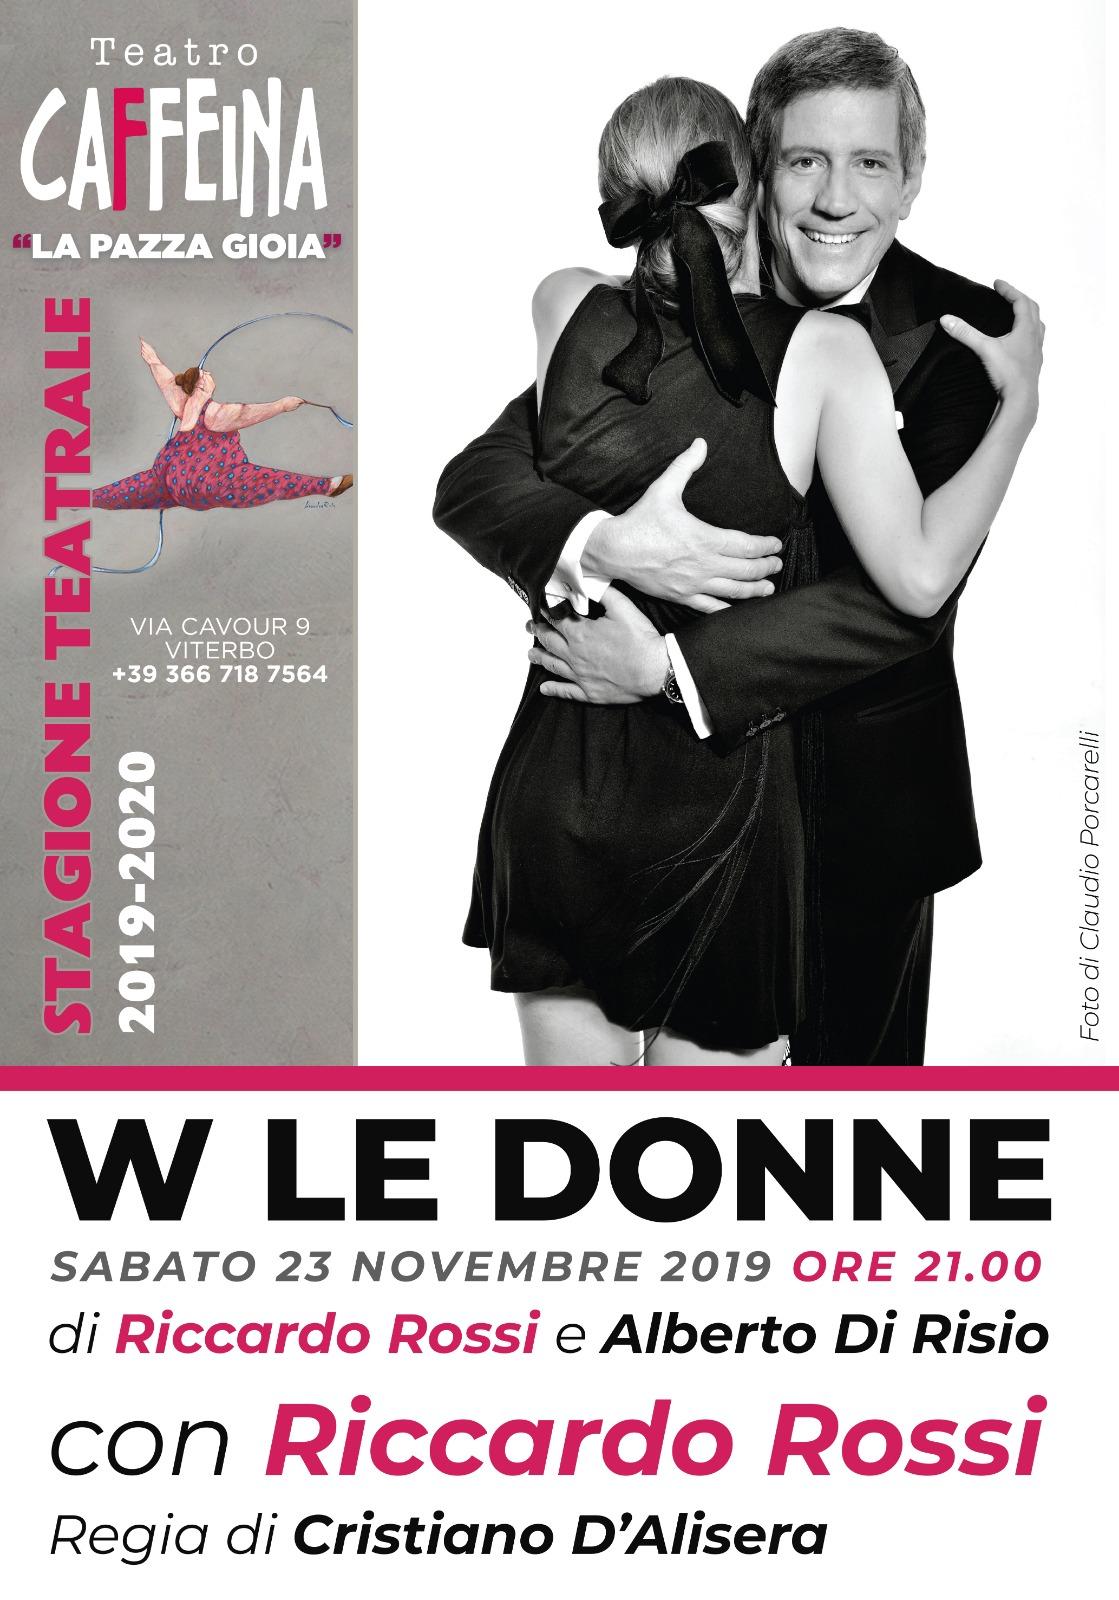 """Viterbo, teatro: Riccardo Rossi con """"W le donne"""" apre la stragione del Teatro Caffeina"""